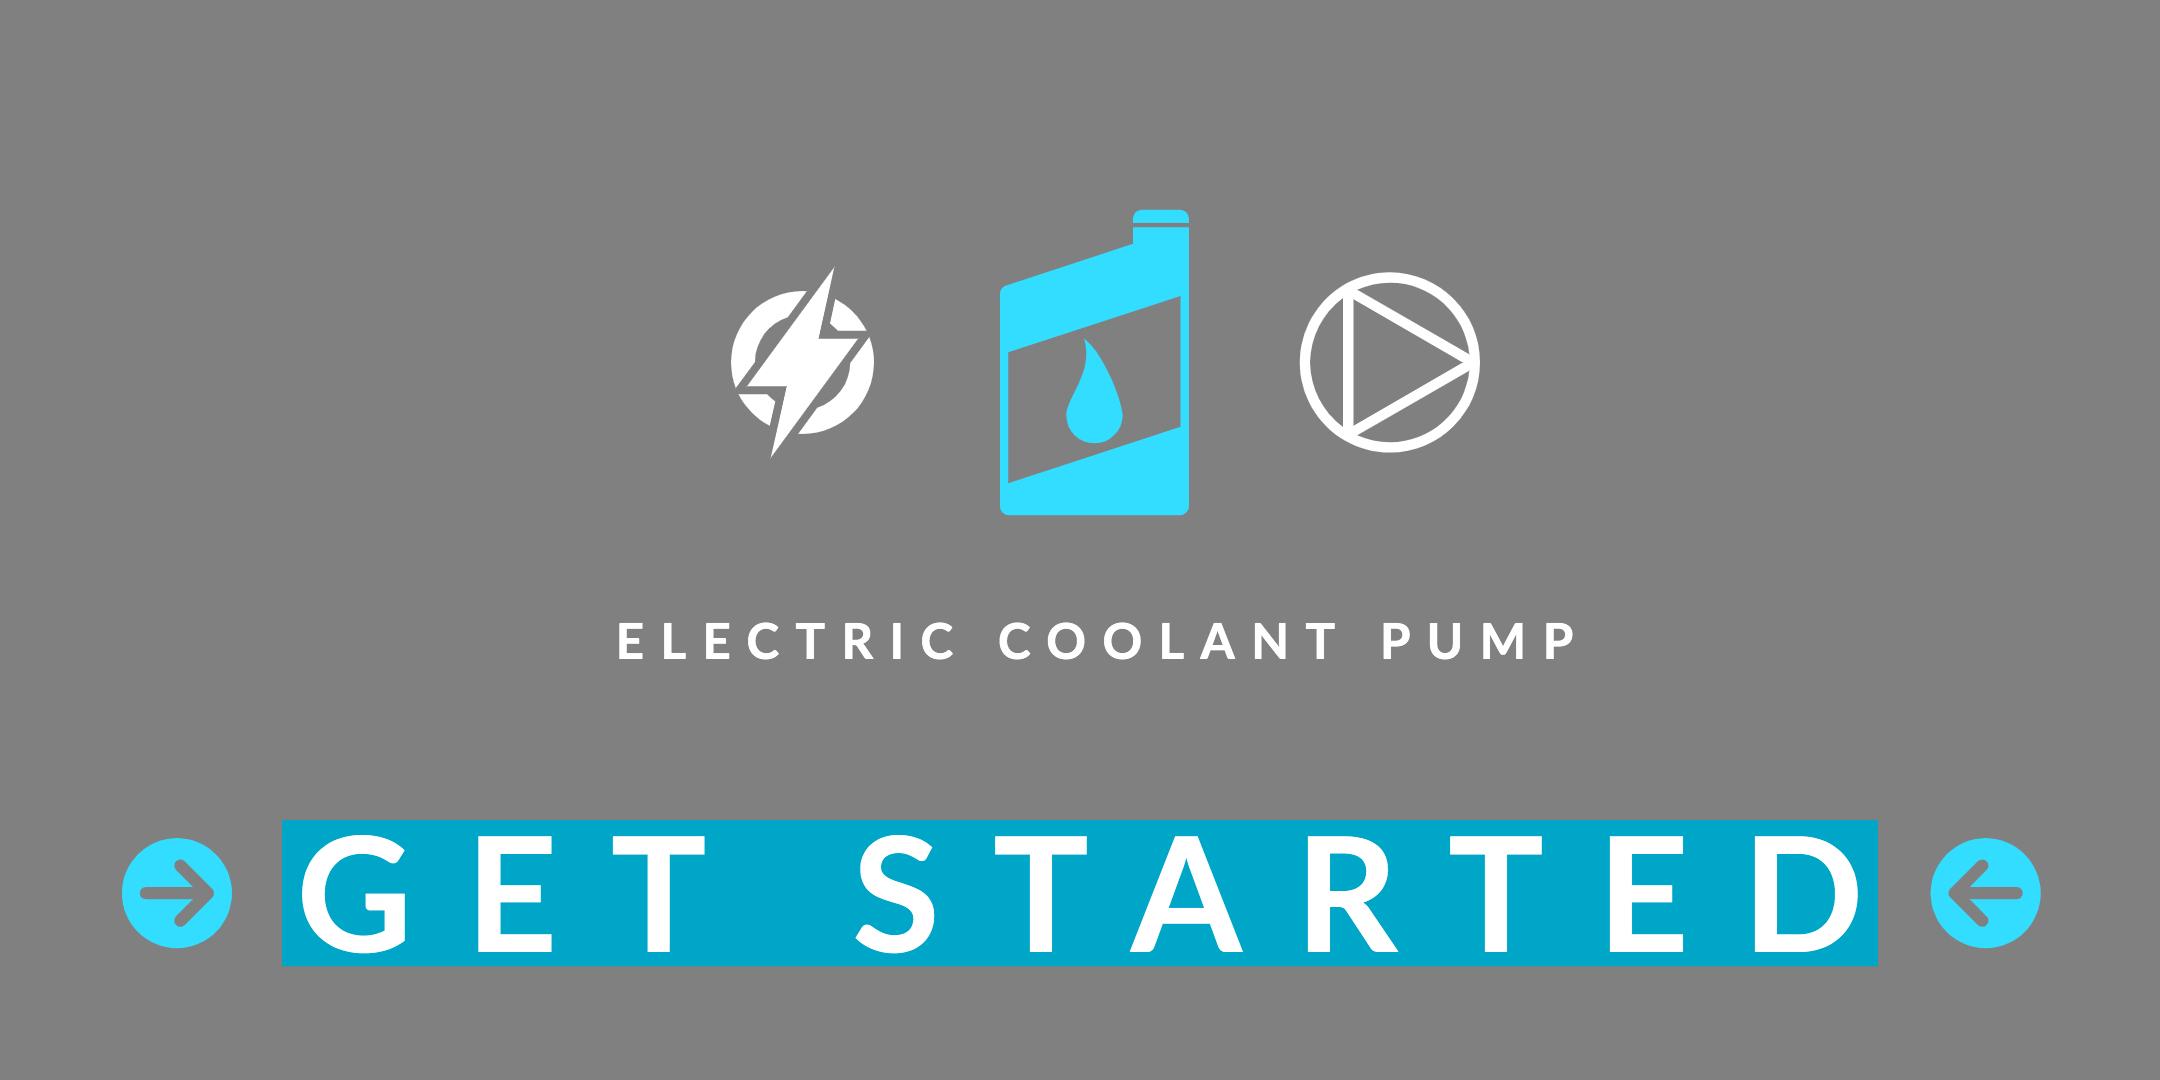 ELECTRIC COOLANT PUMPS.jpg